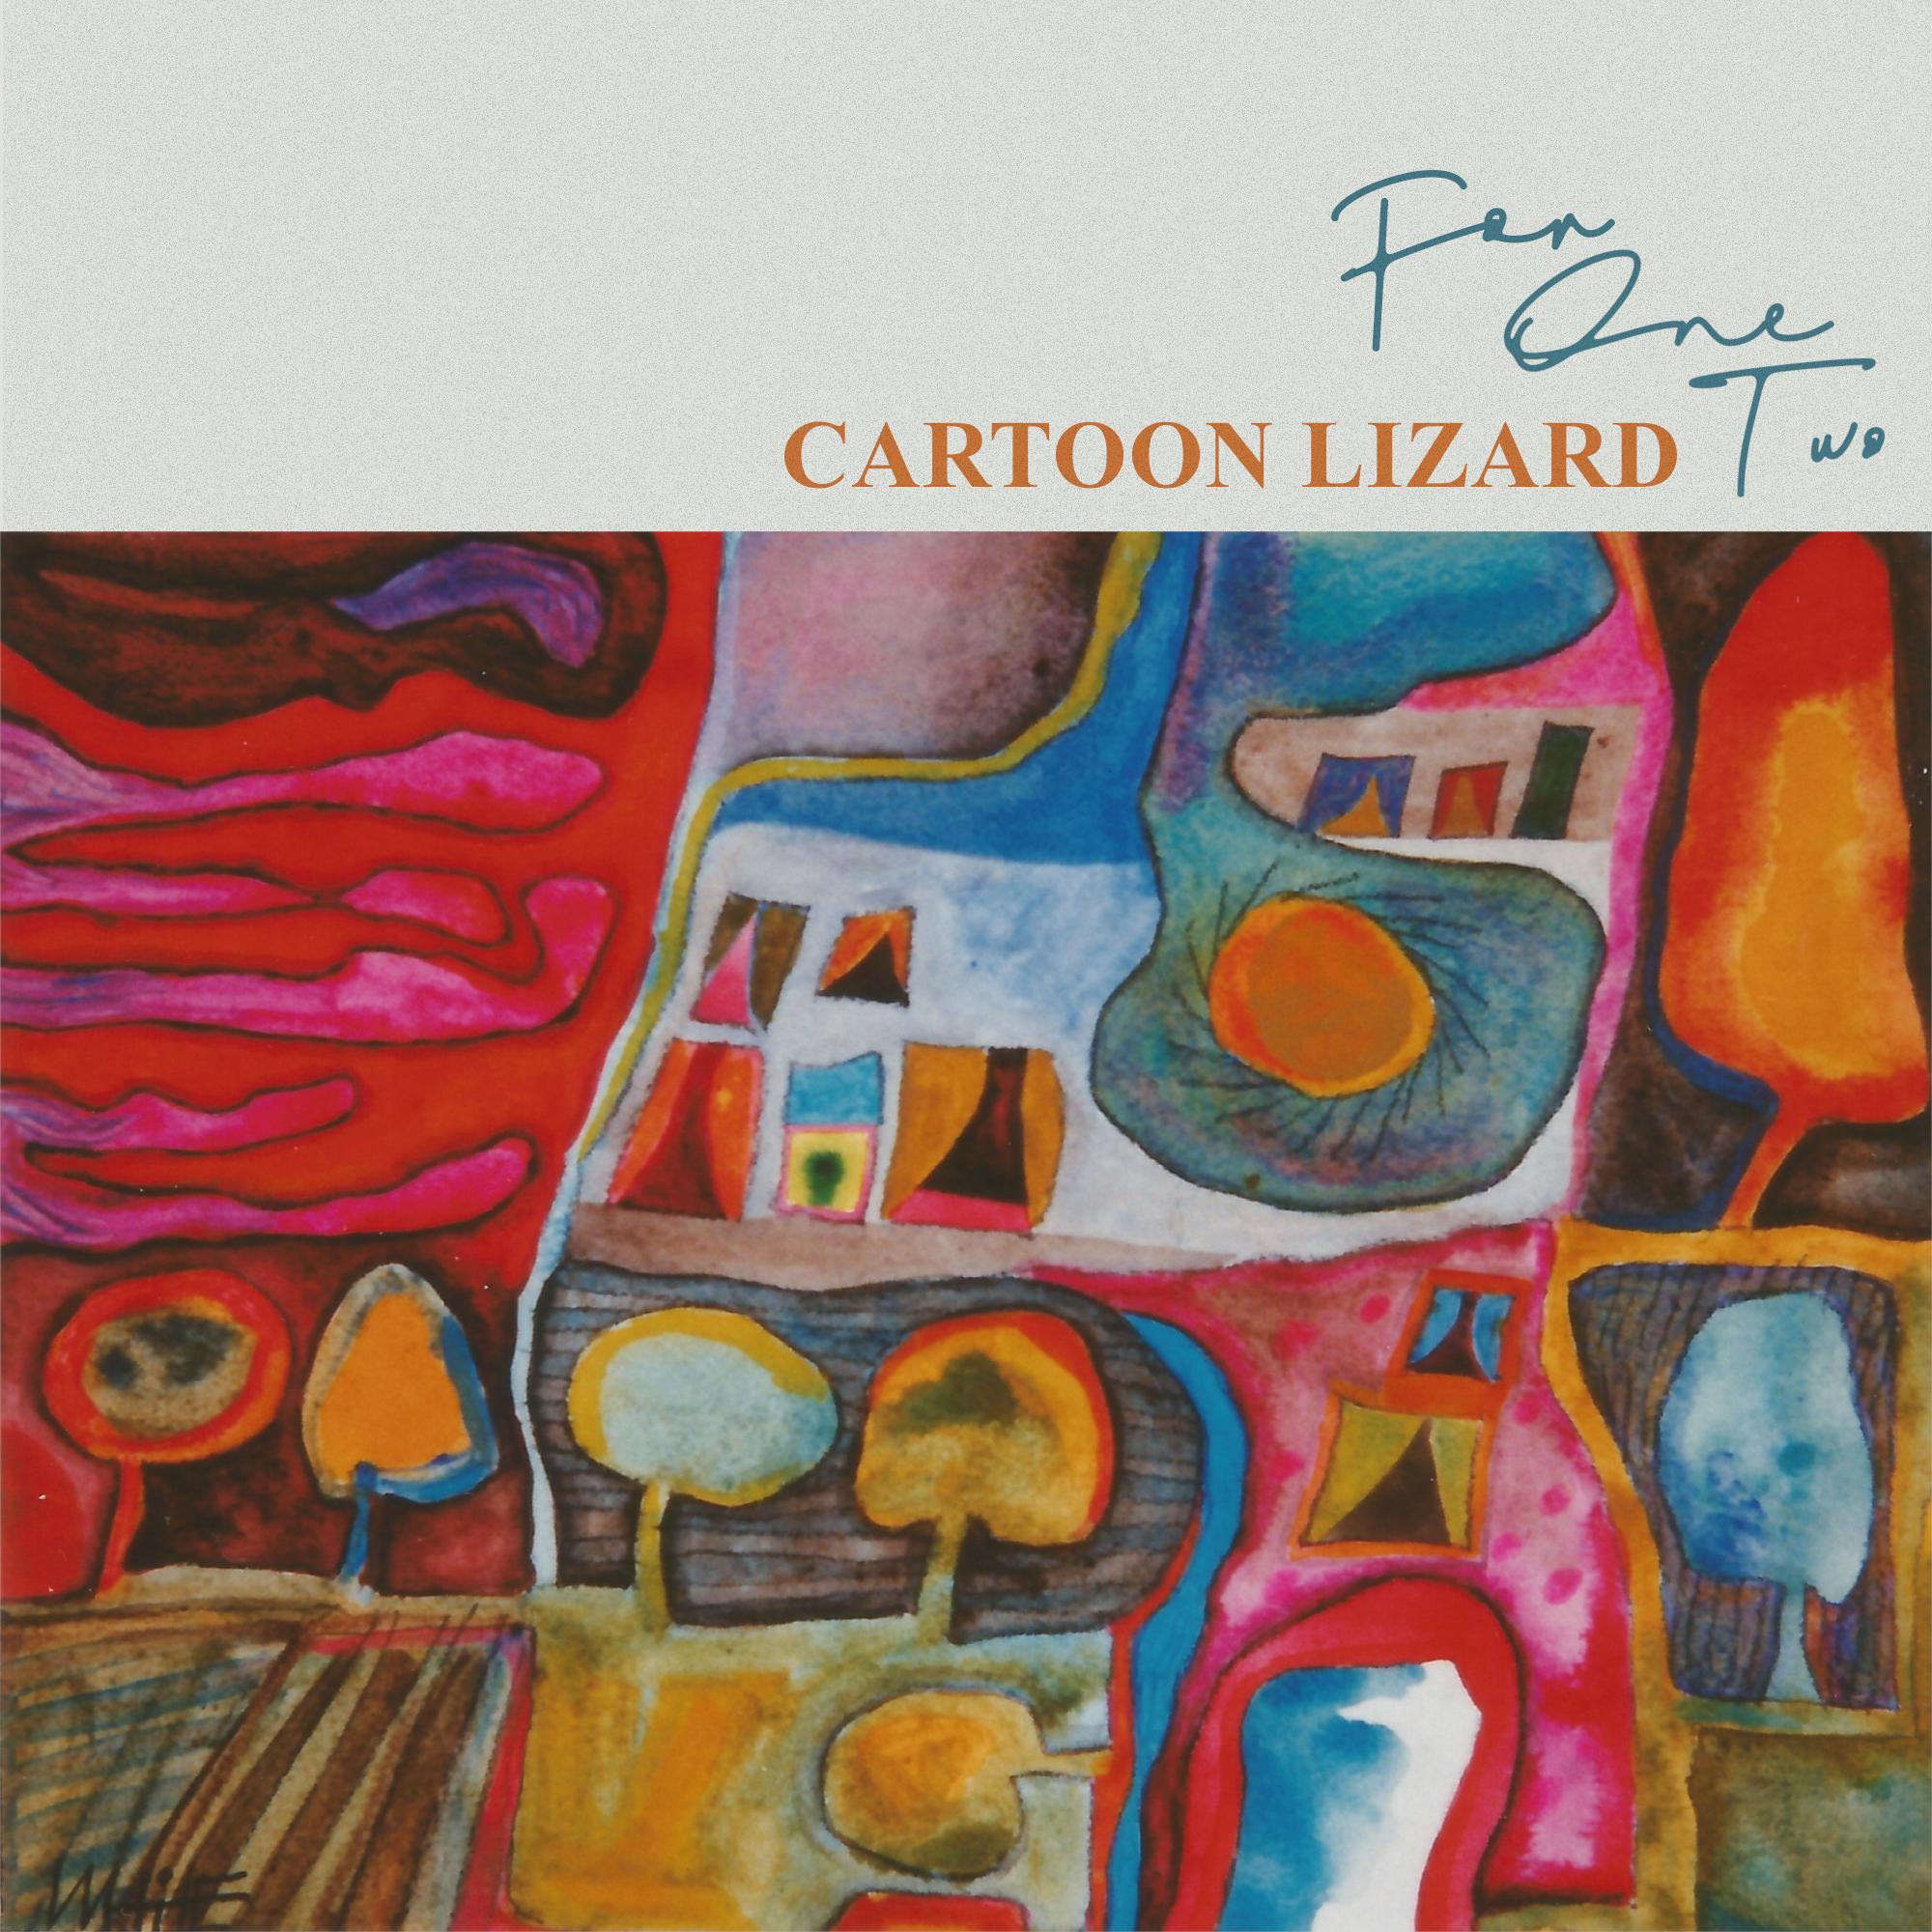 For 1 2 - Cartoon Lizard